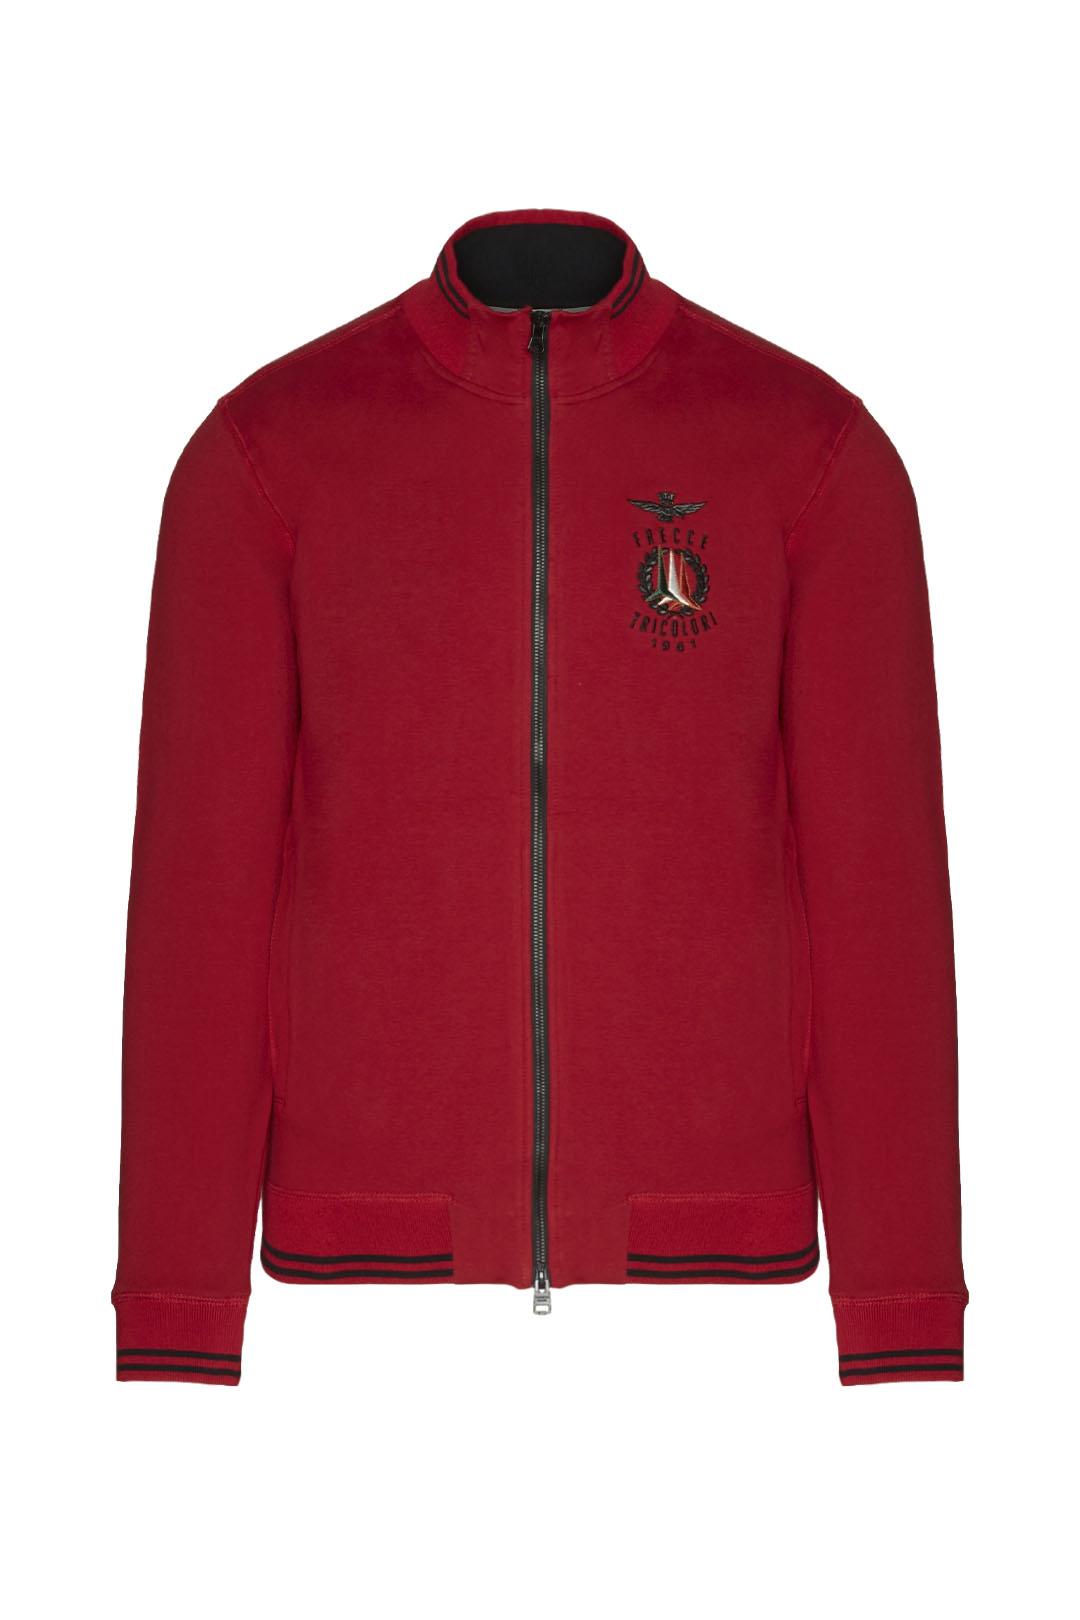 Ikonisches Frecce Tricolori Sweatshirt   1